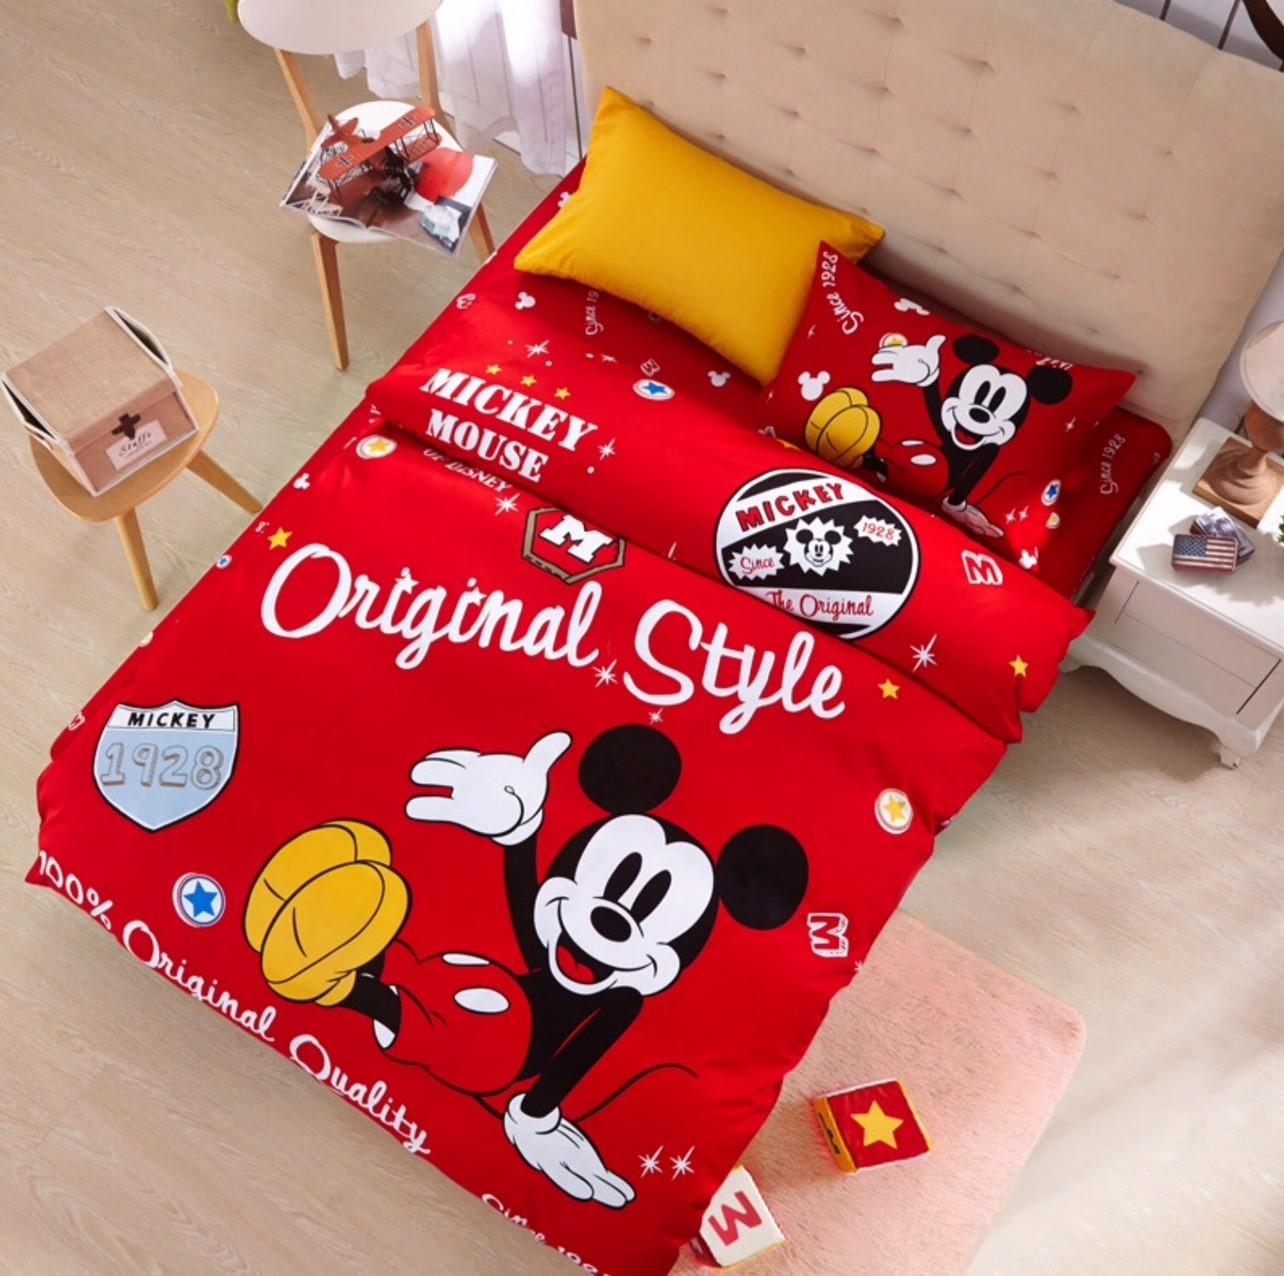 ผ้าปูที่นอน ลายมิคกี้เม้าส์ Mickey Mouse Bedding set